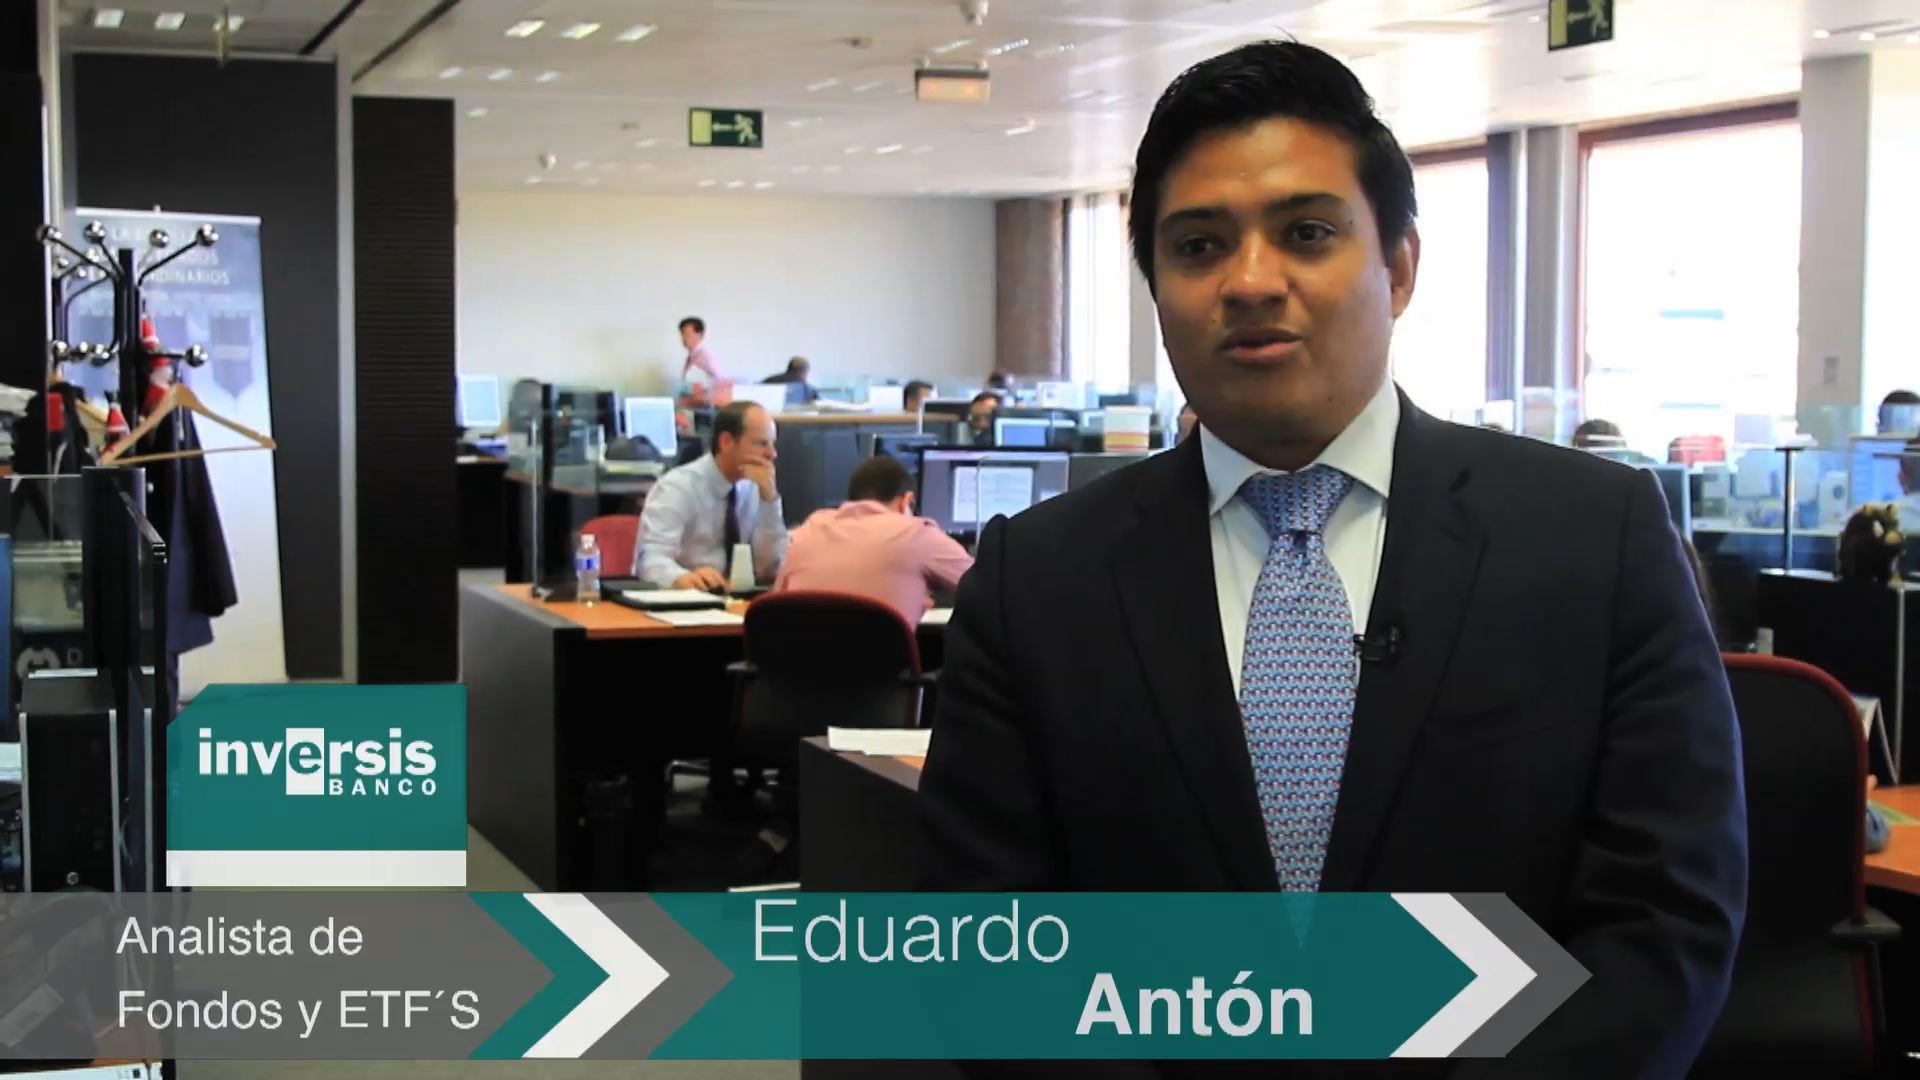 """Eduardo Antón: """"Las empresas deben presentar cuentas que justifiquen las valoraciones alcanzadas"""""""